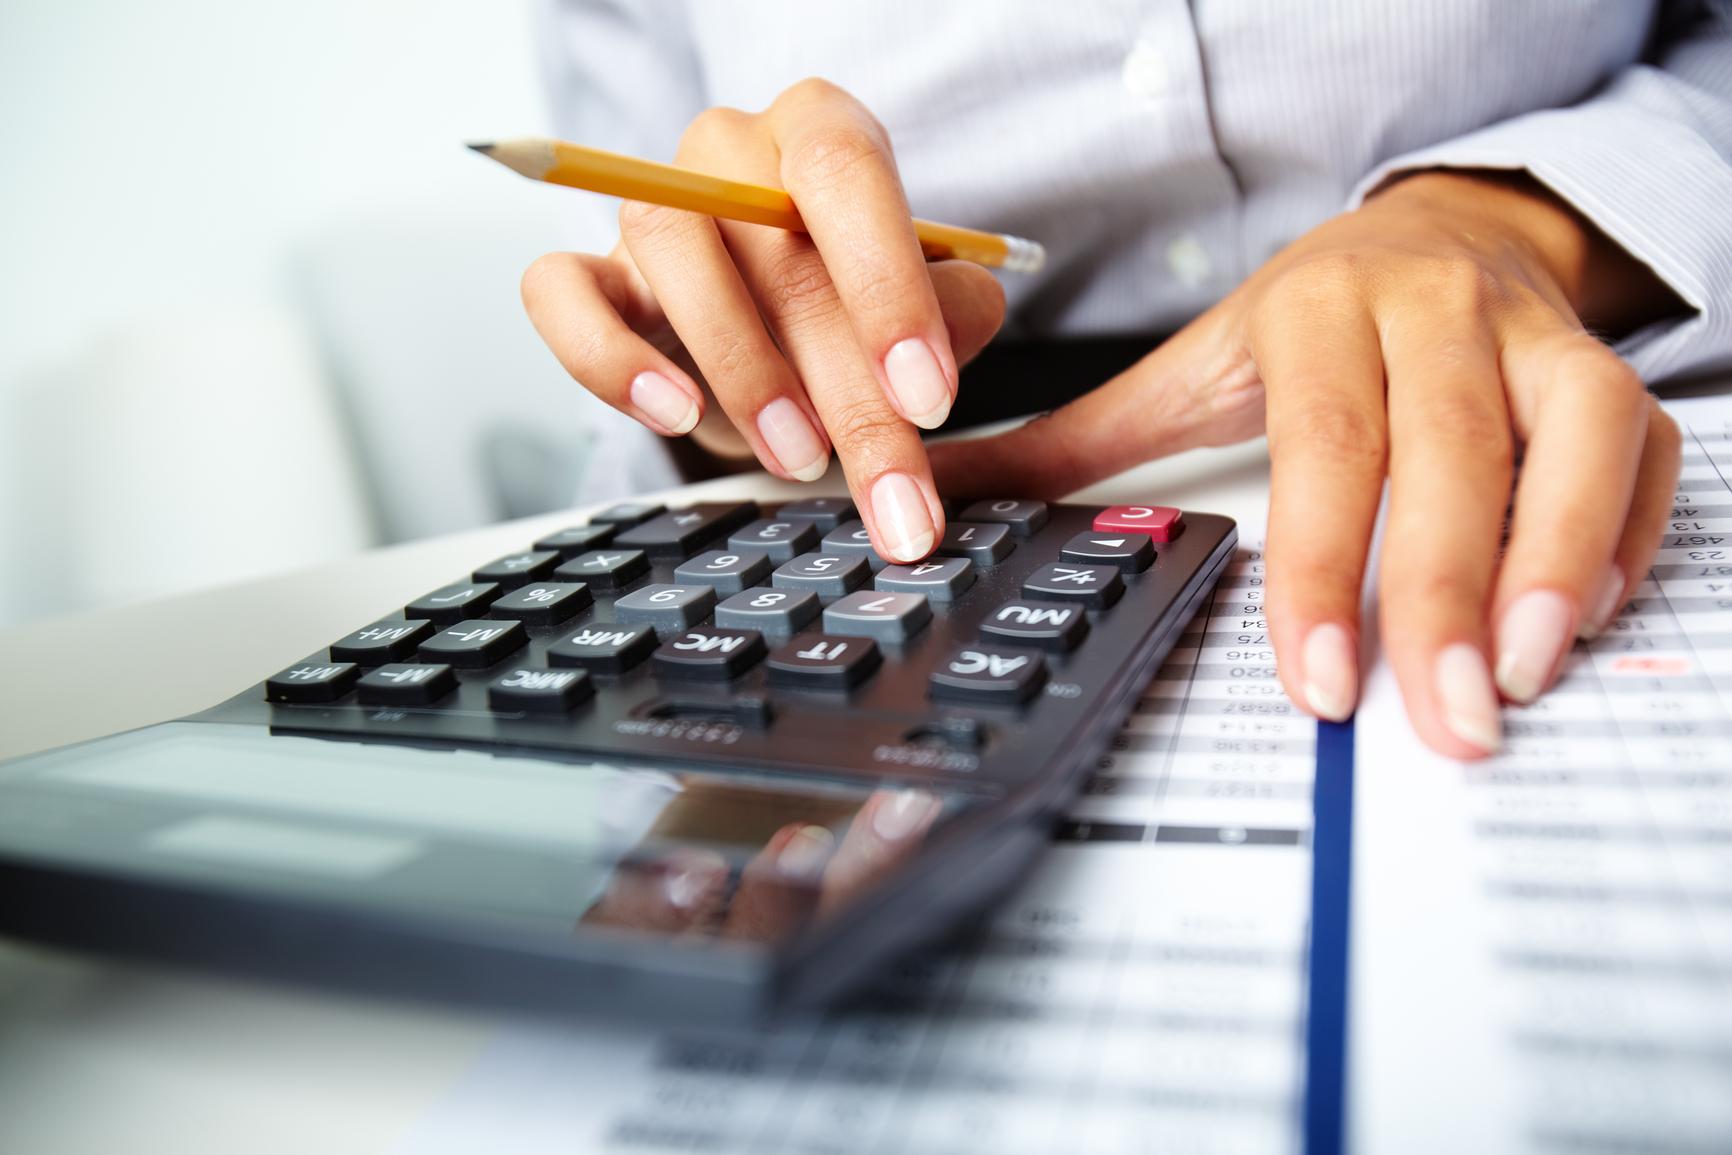 ¿Qué hacer si no tiene más dinero? Pida un crédito rápido fácil